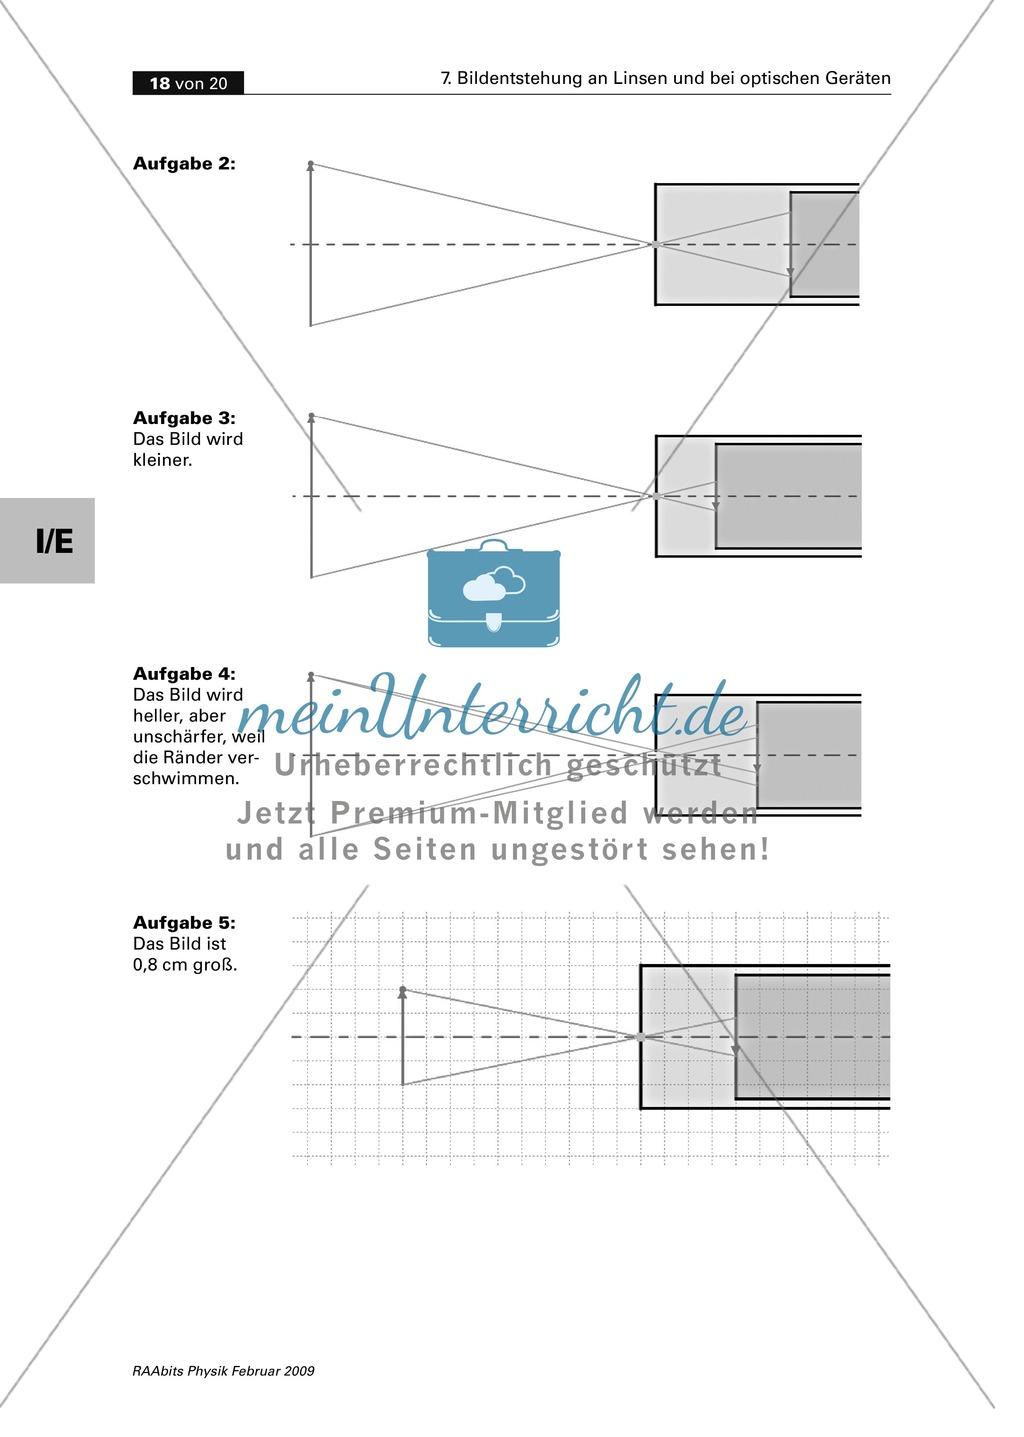 Die Bildentstehung bei Linsen, Auge, Kamera mit GEONExT simulieren und im Schülerversuch untersuchen. Mit Aufgaben und Lösungen. Preview 9